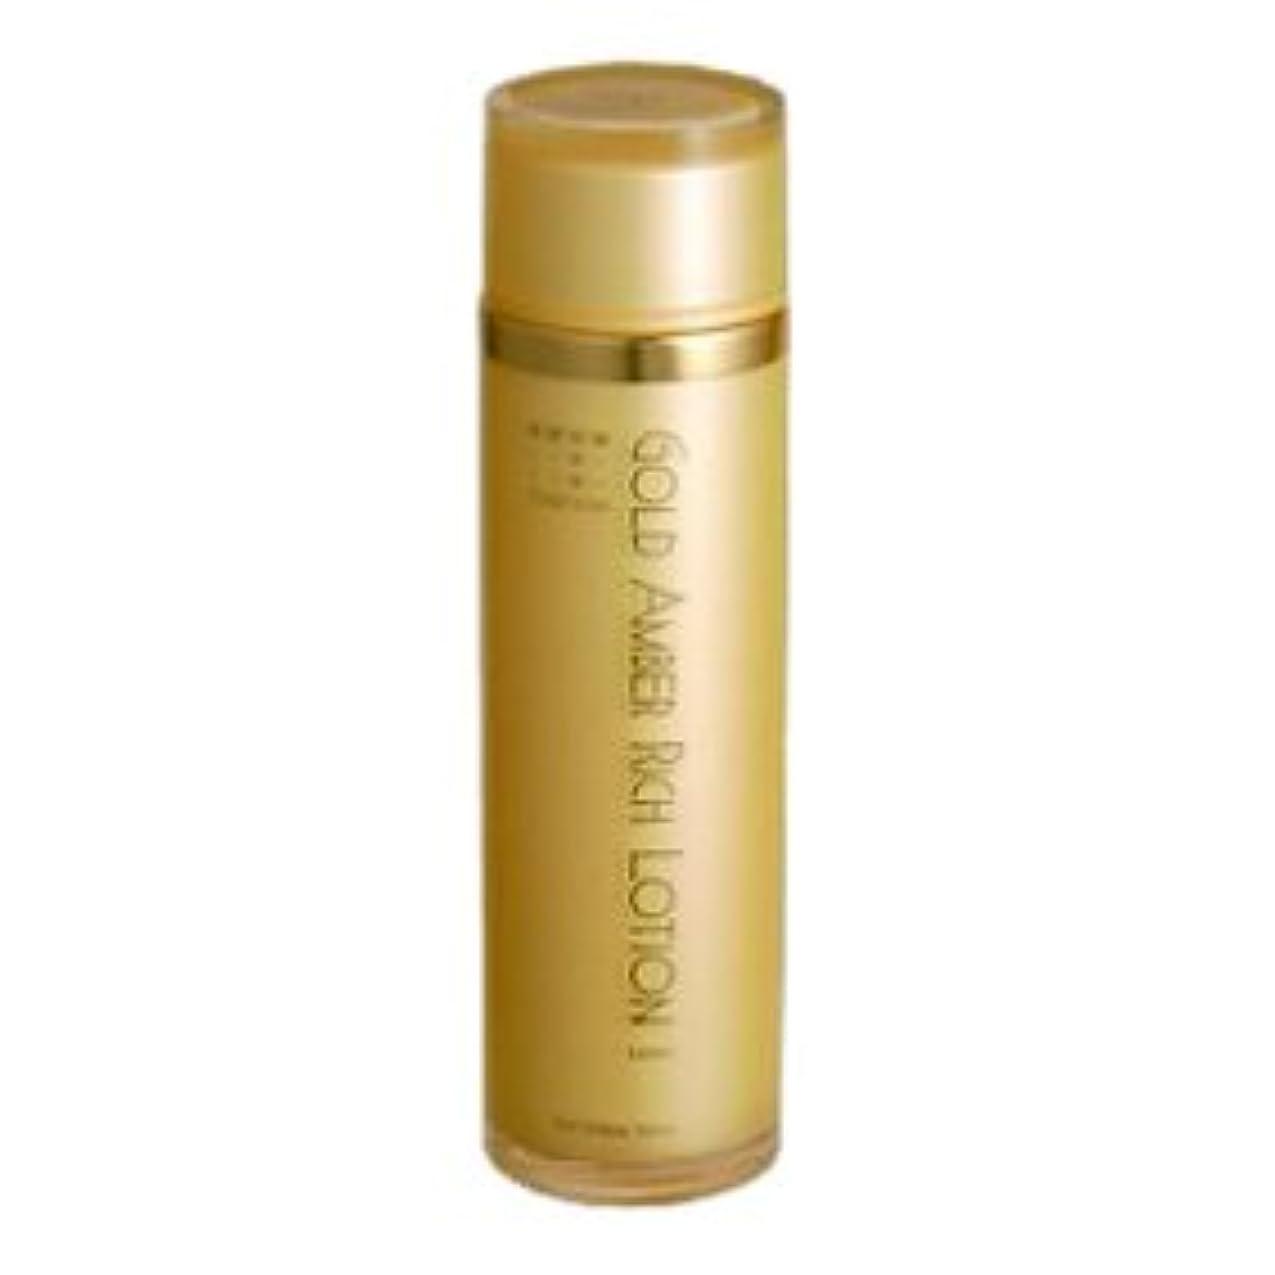 学校より良い静かにコスメプラウド ゴールドアンバーリッチローション120ml(化粧水)